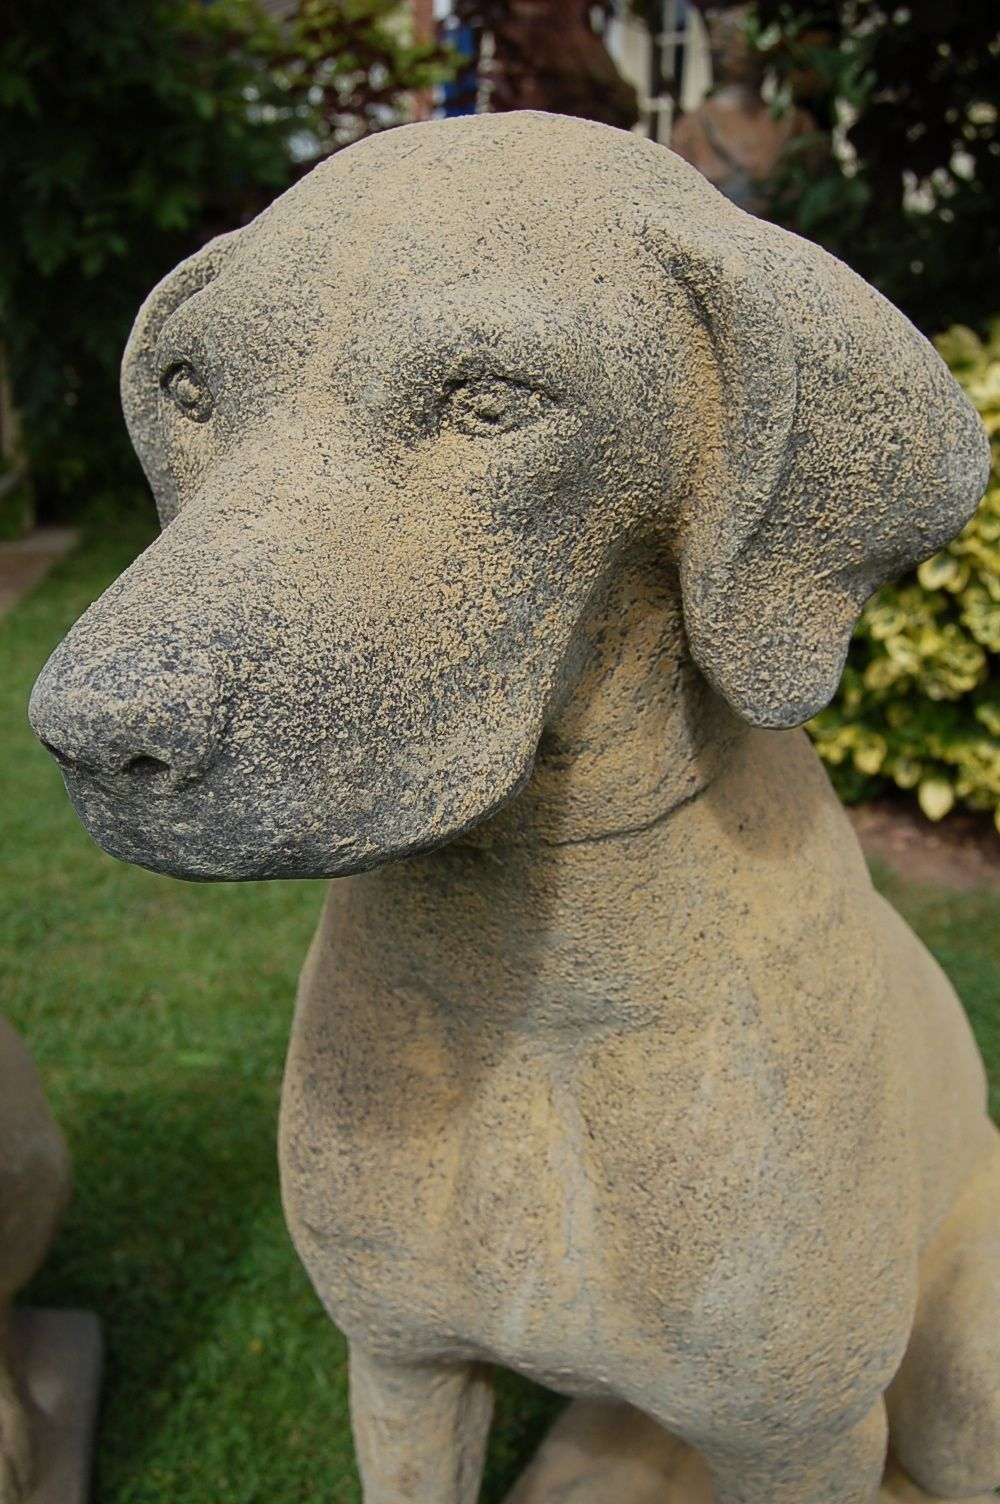 Stone statues pr stone pointer dog garden statues dont blink stone statues pr stone pointer dog garden statues workwithnaturefo